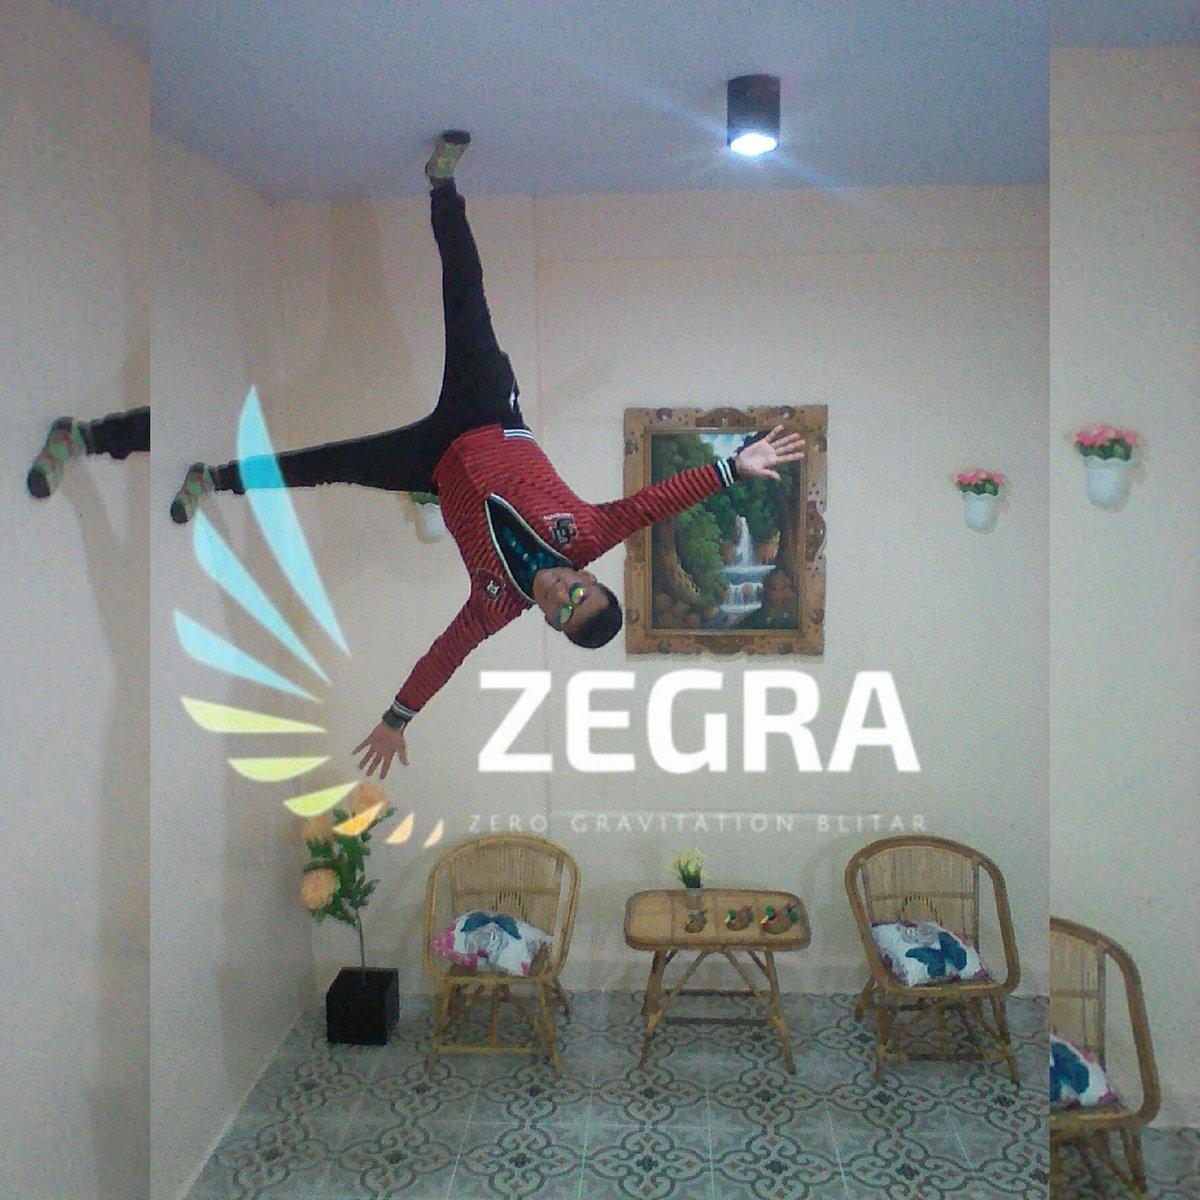 Kabupaten Blitar Blitarkabupaten Twitter Muchammad Alwanto Zegra Kab